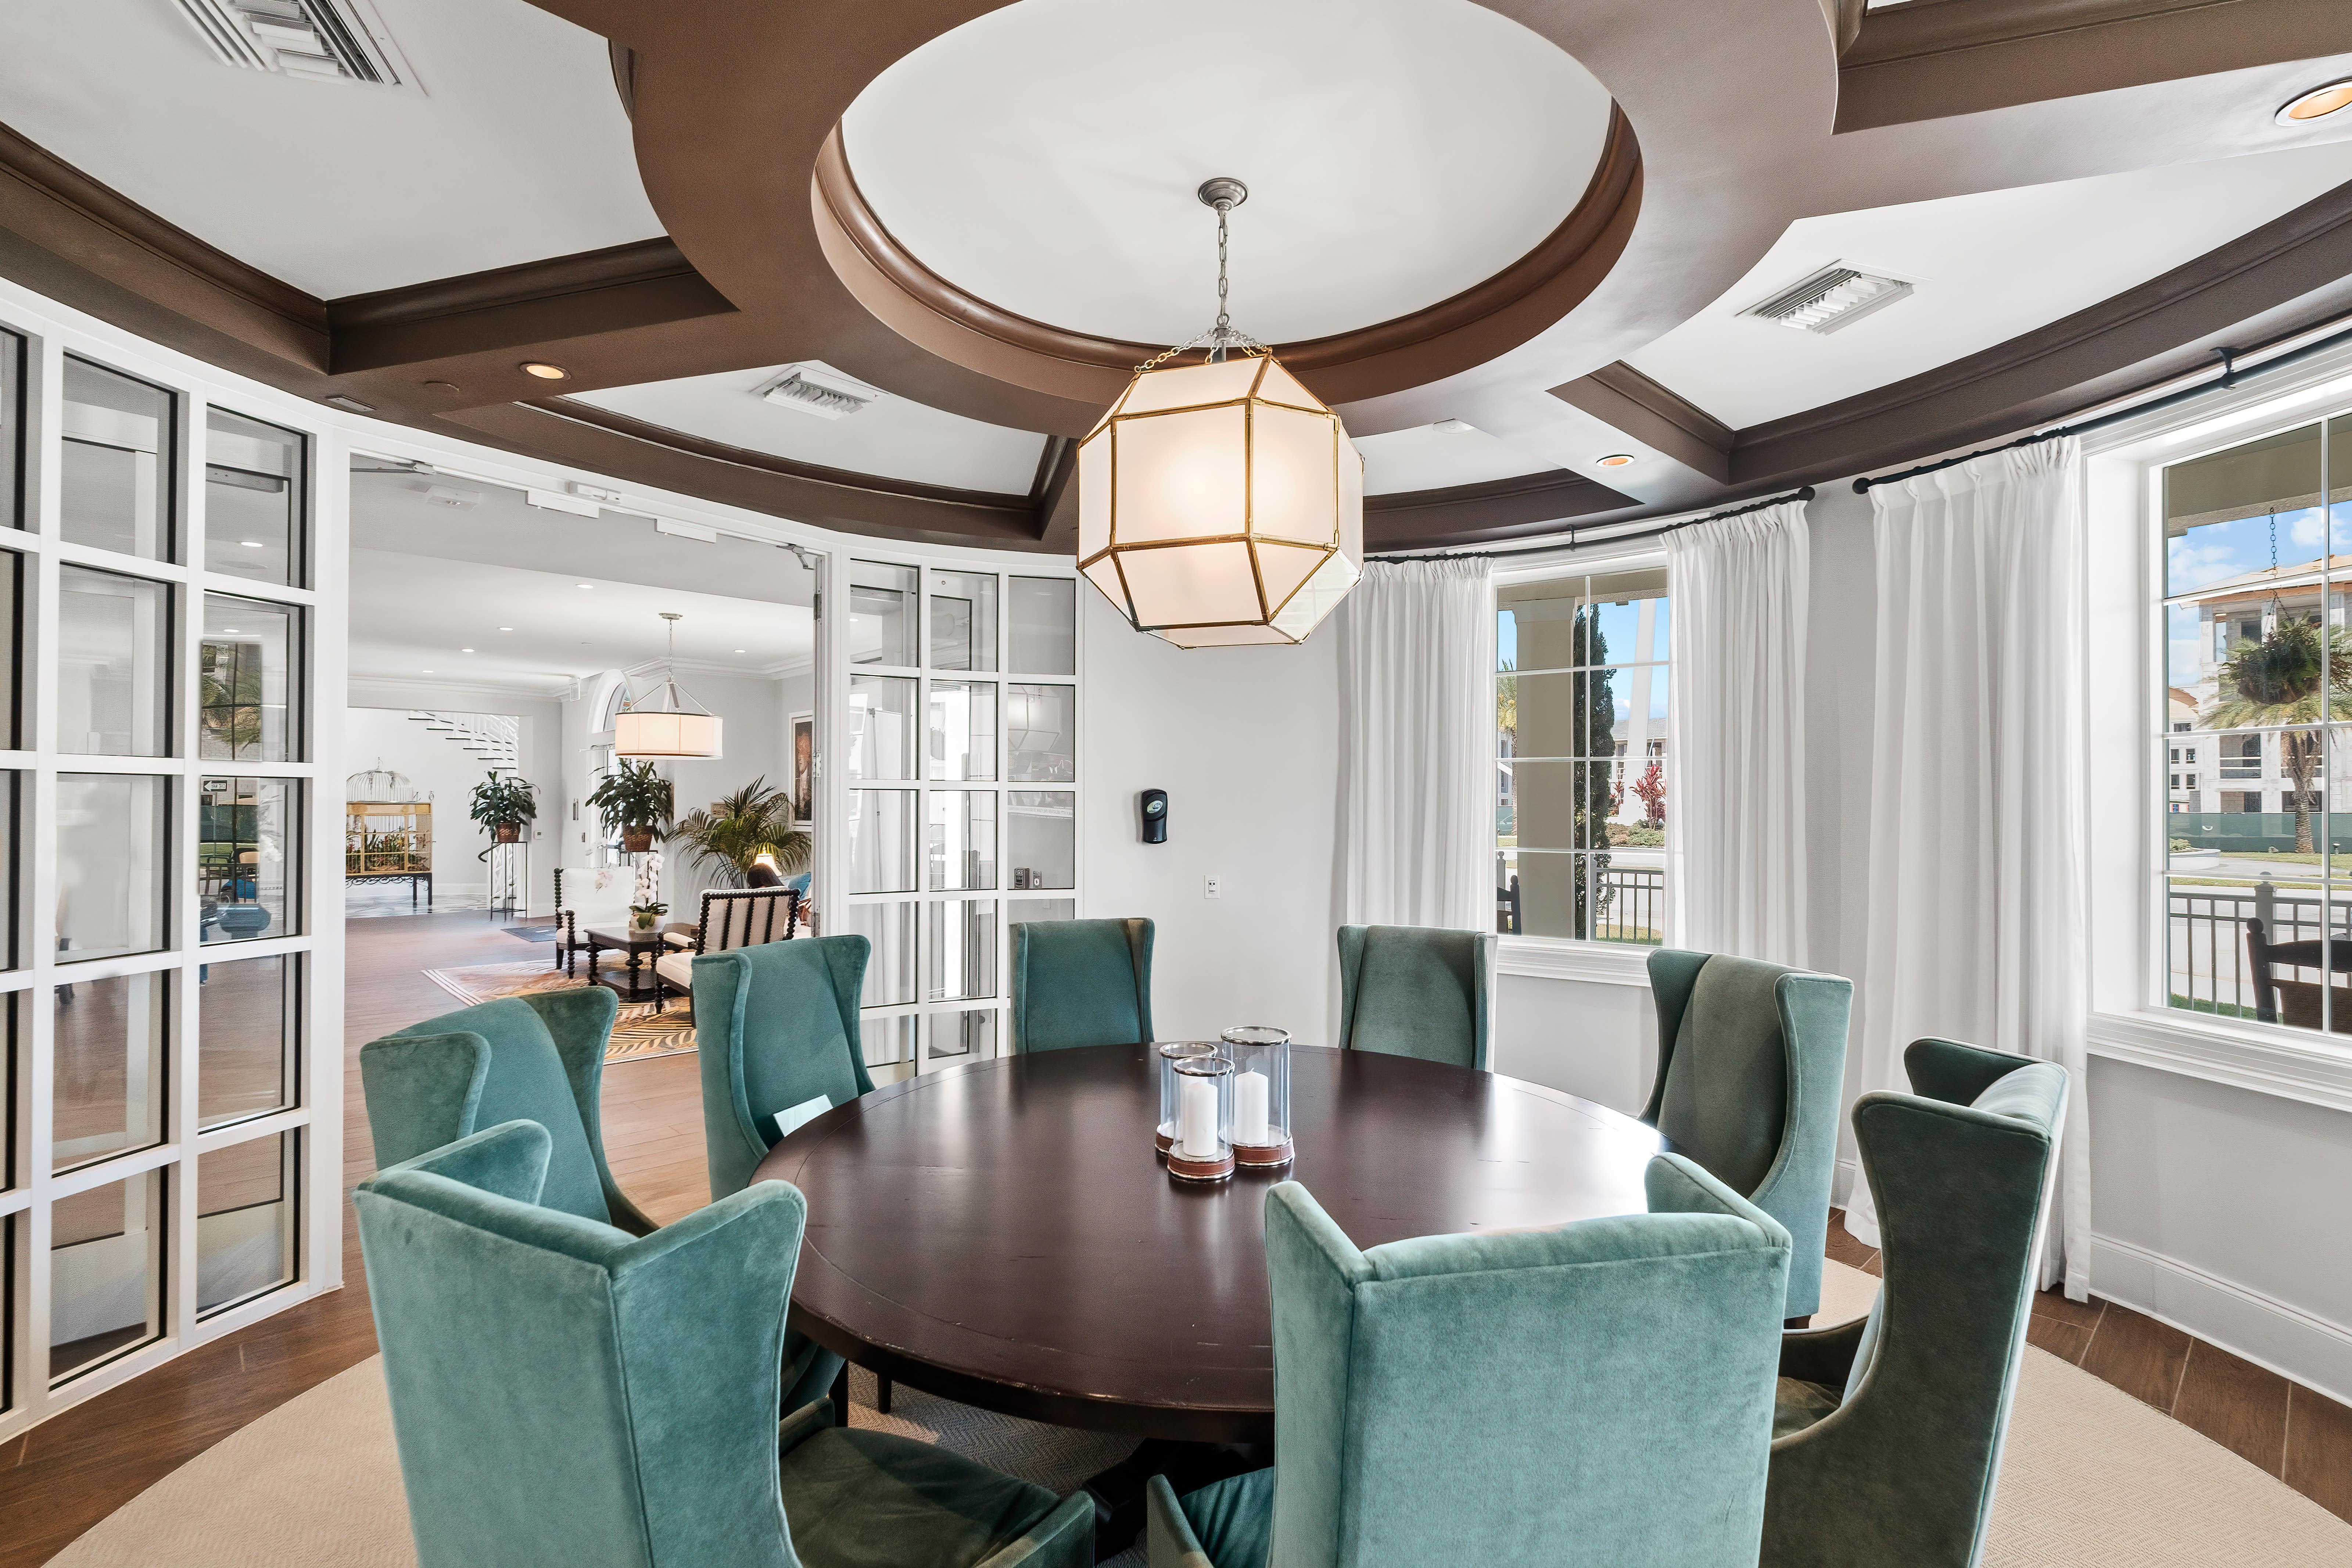 Conference room at Town Lantana in Lantana, Florida